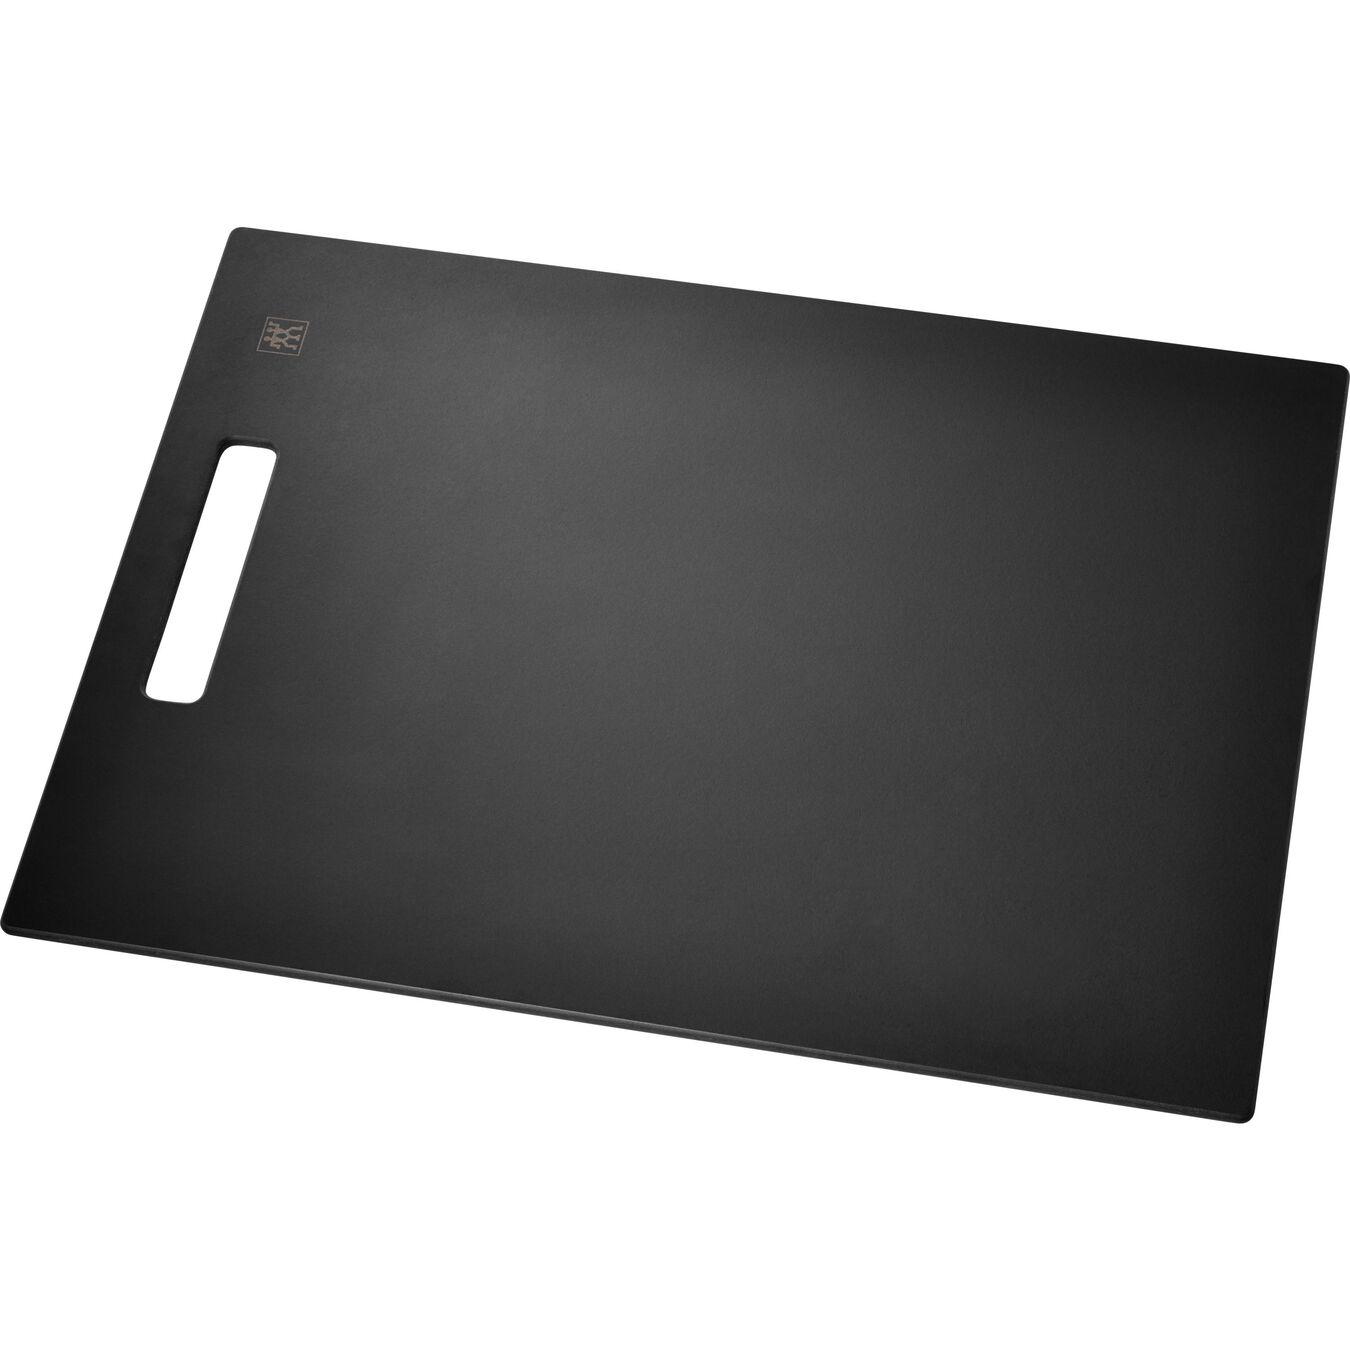 Cutting board 45 cm x 33 cm,,large 1